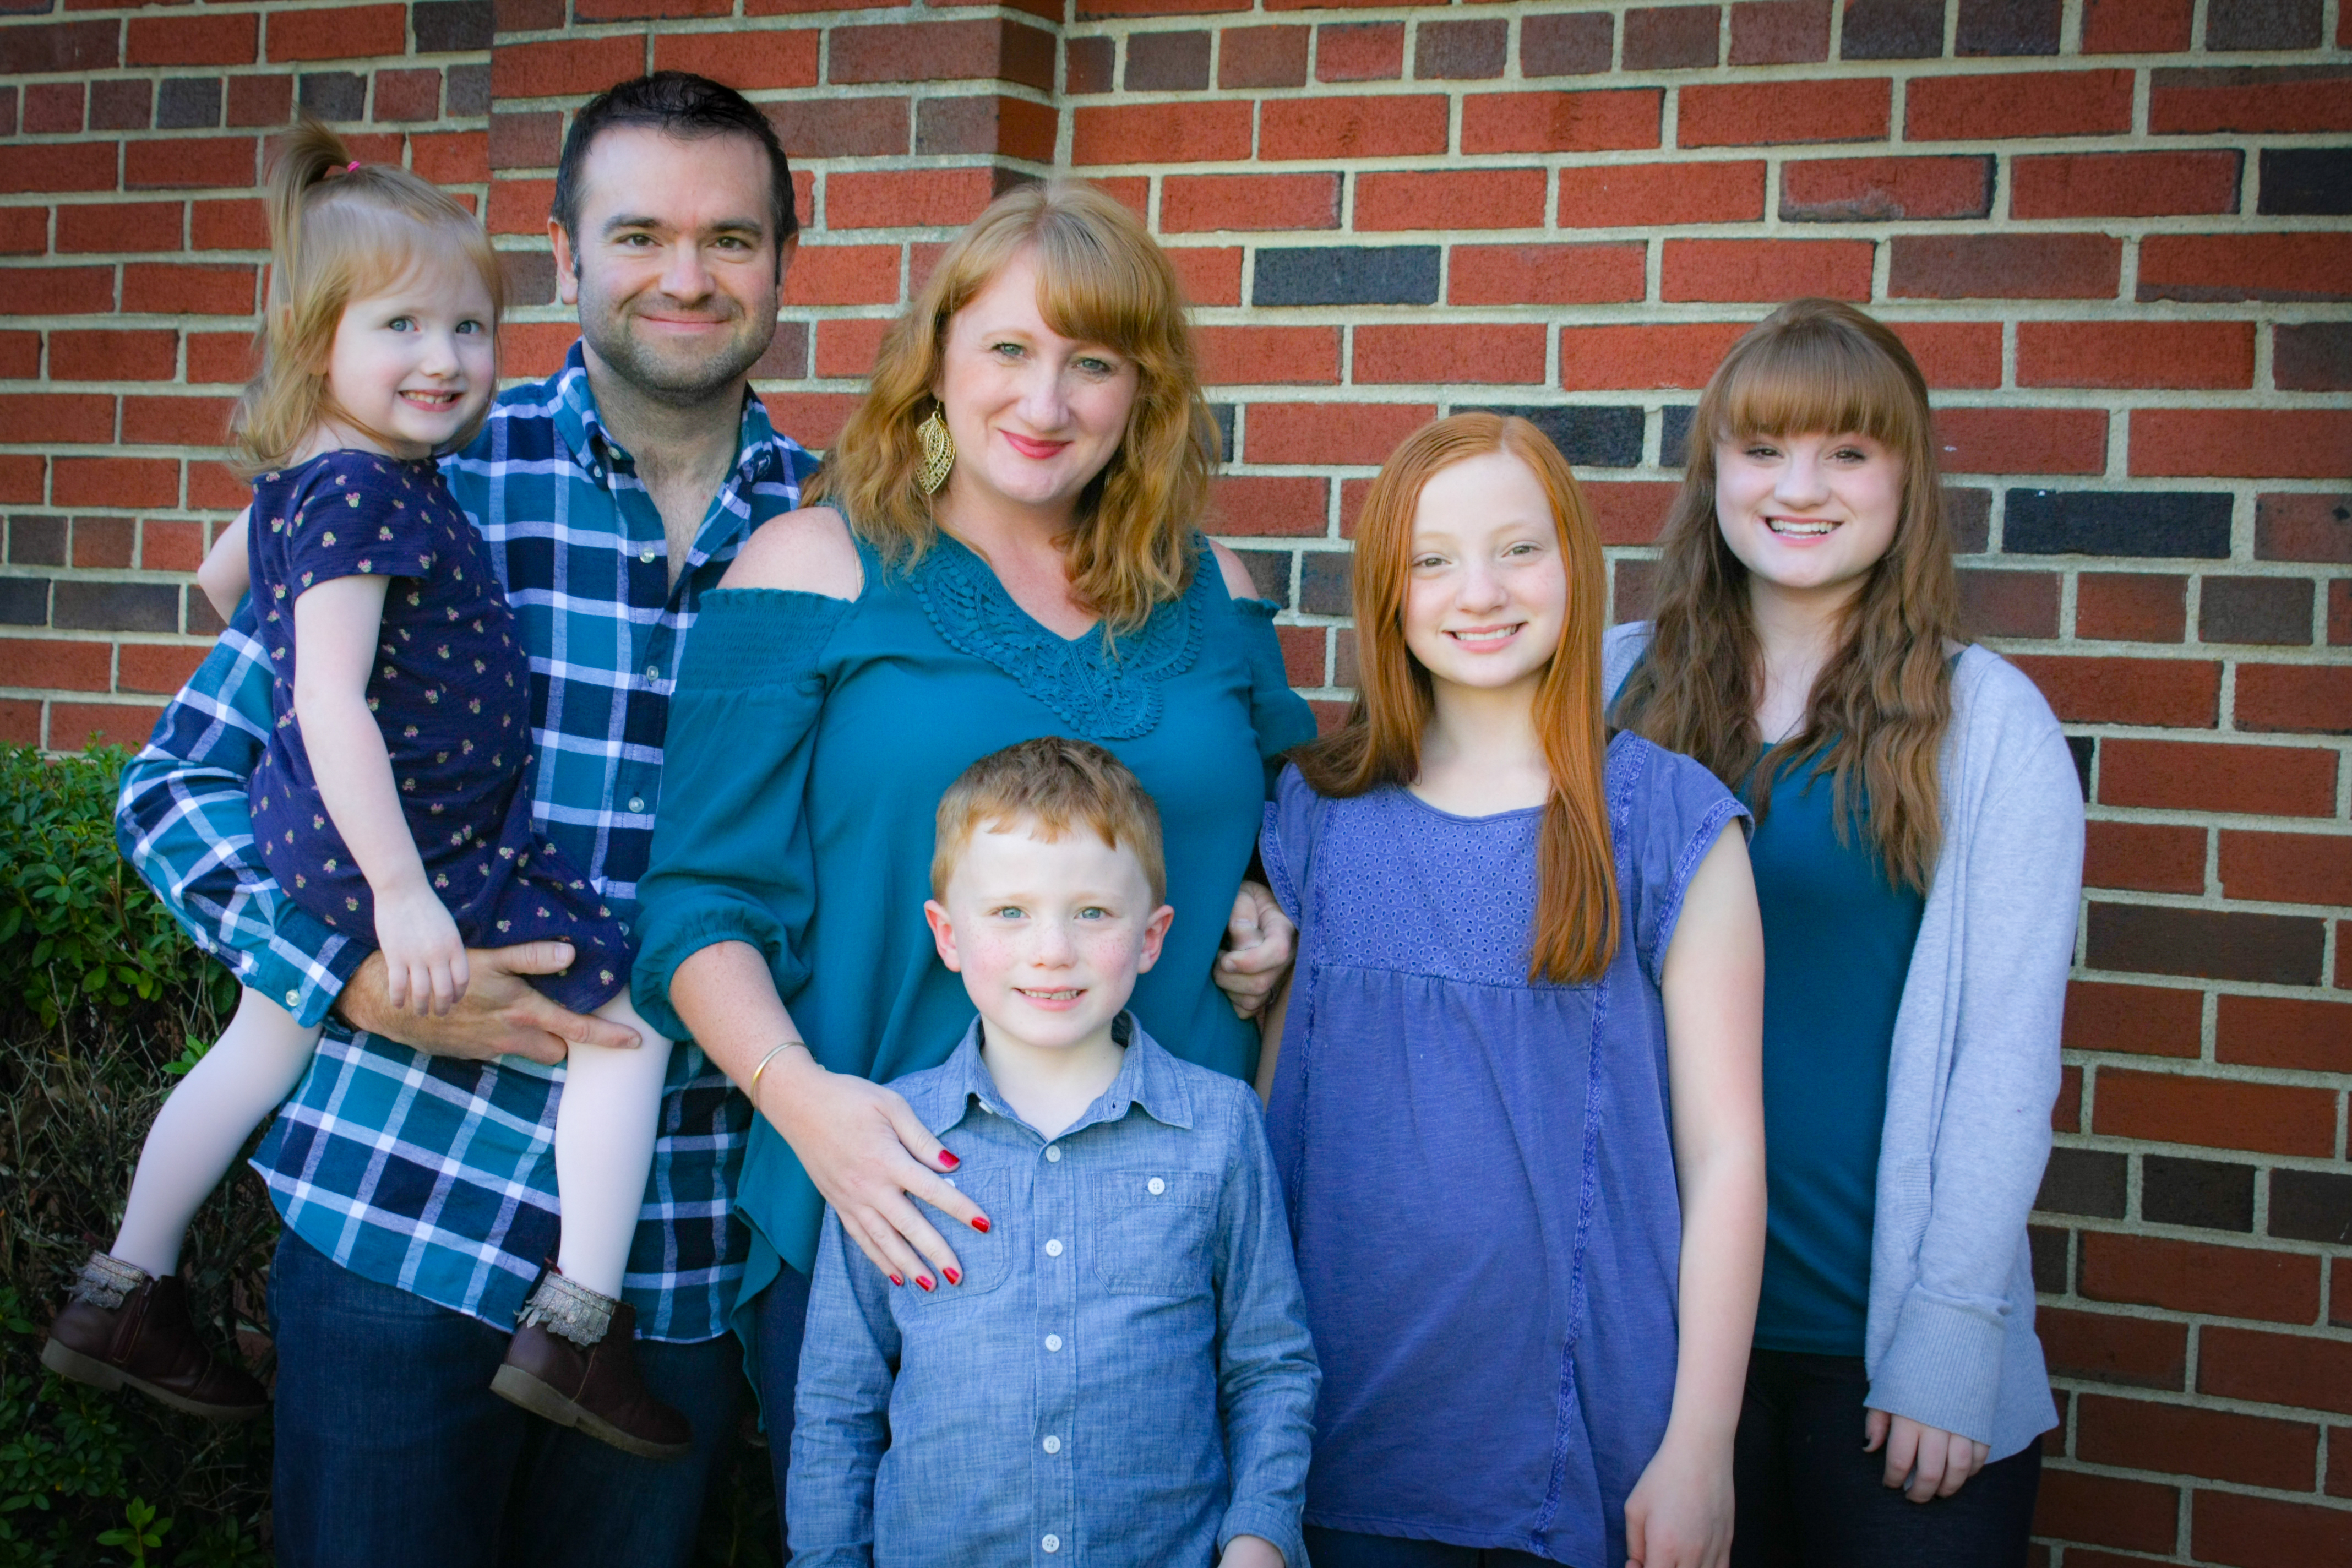 Pastorfamily